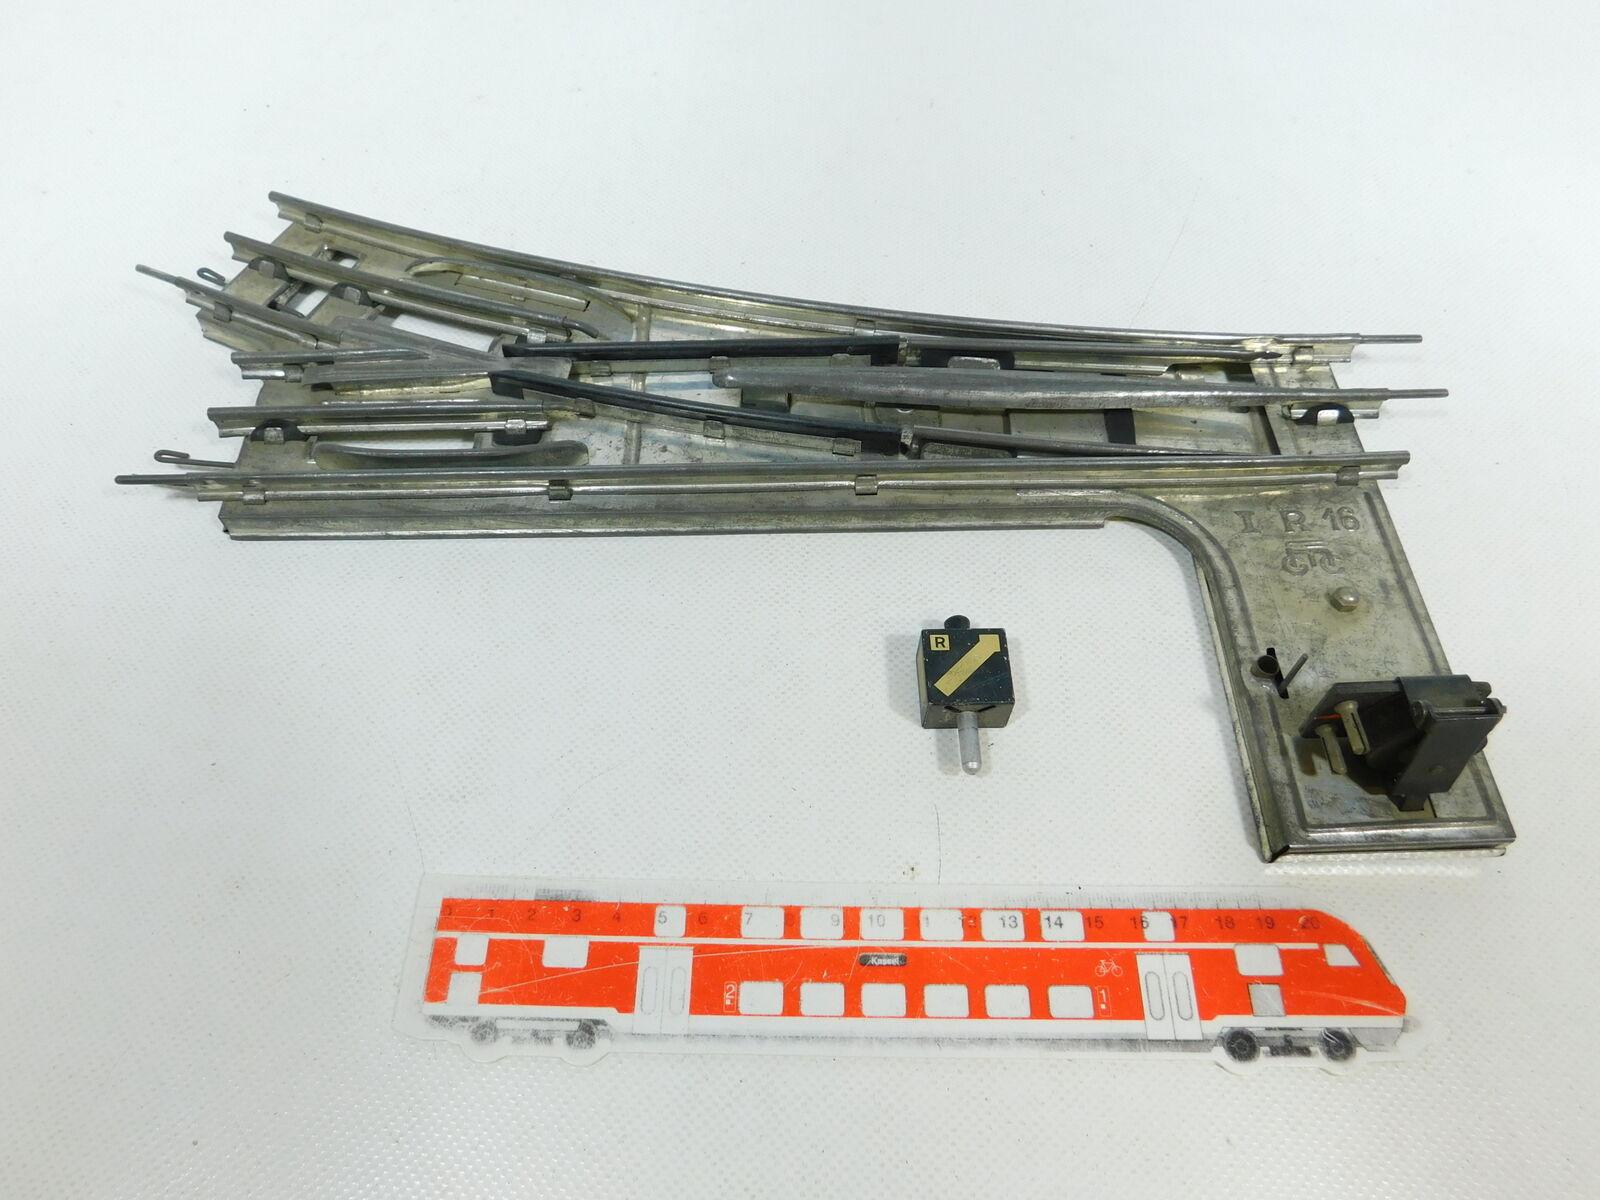 BW19-1  Märklin Spur 1 E-Weiche rechts 16er 16 er Kreis für elektrischen Betrieb